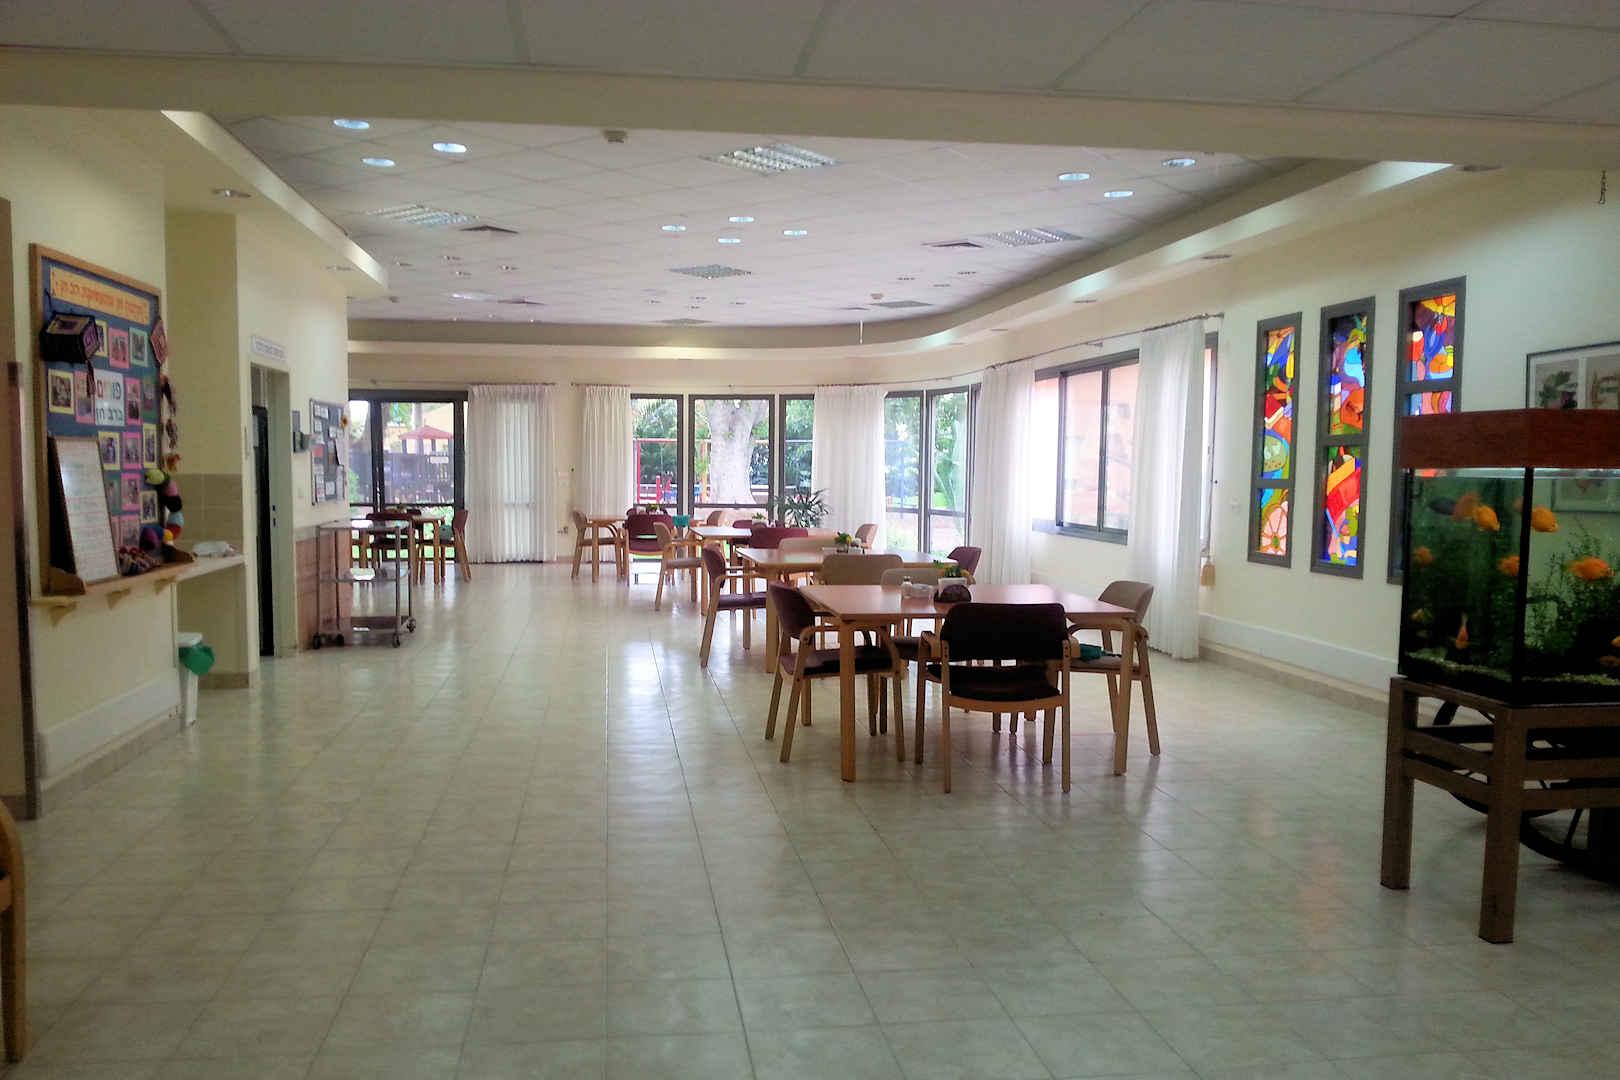 בית הדר חדר אוכל